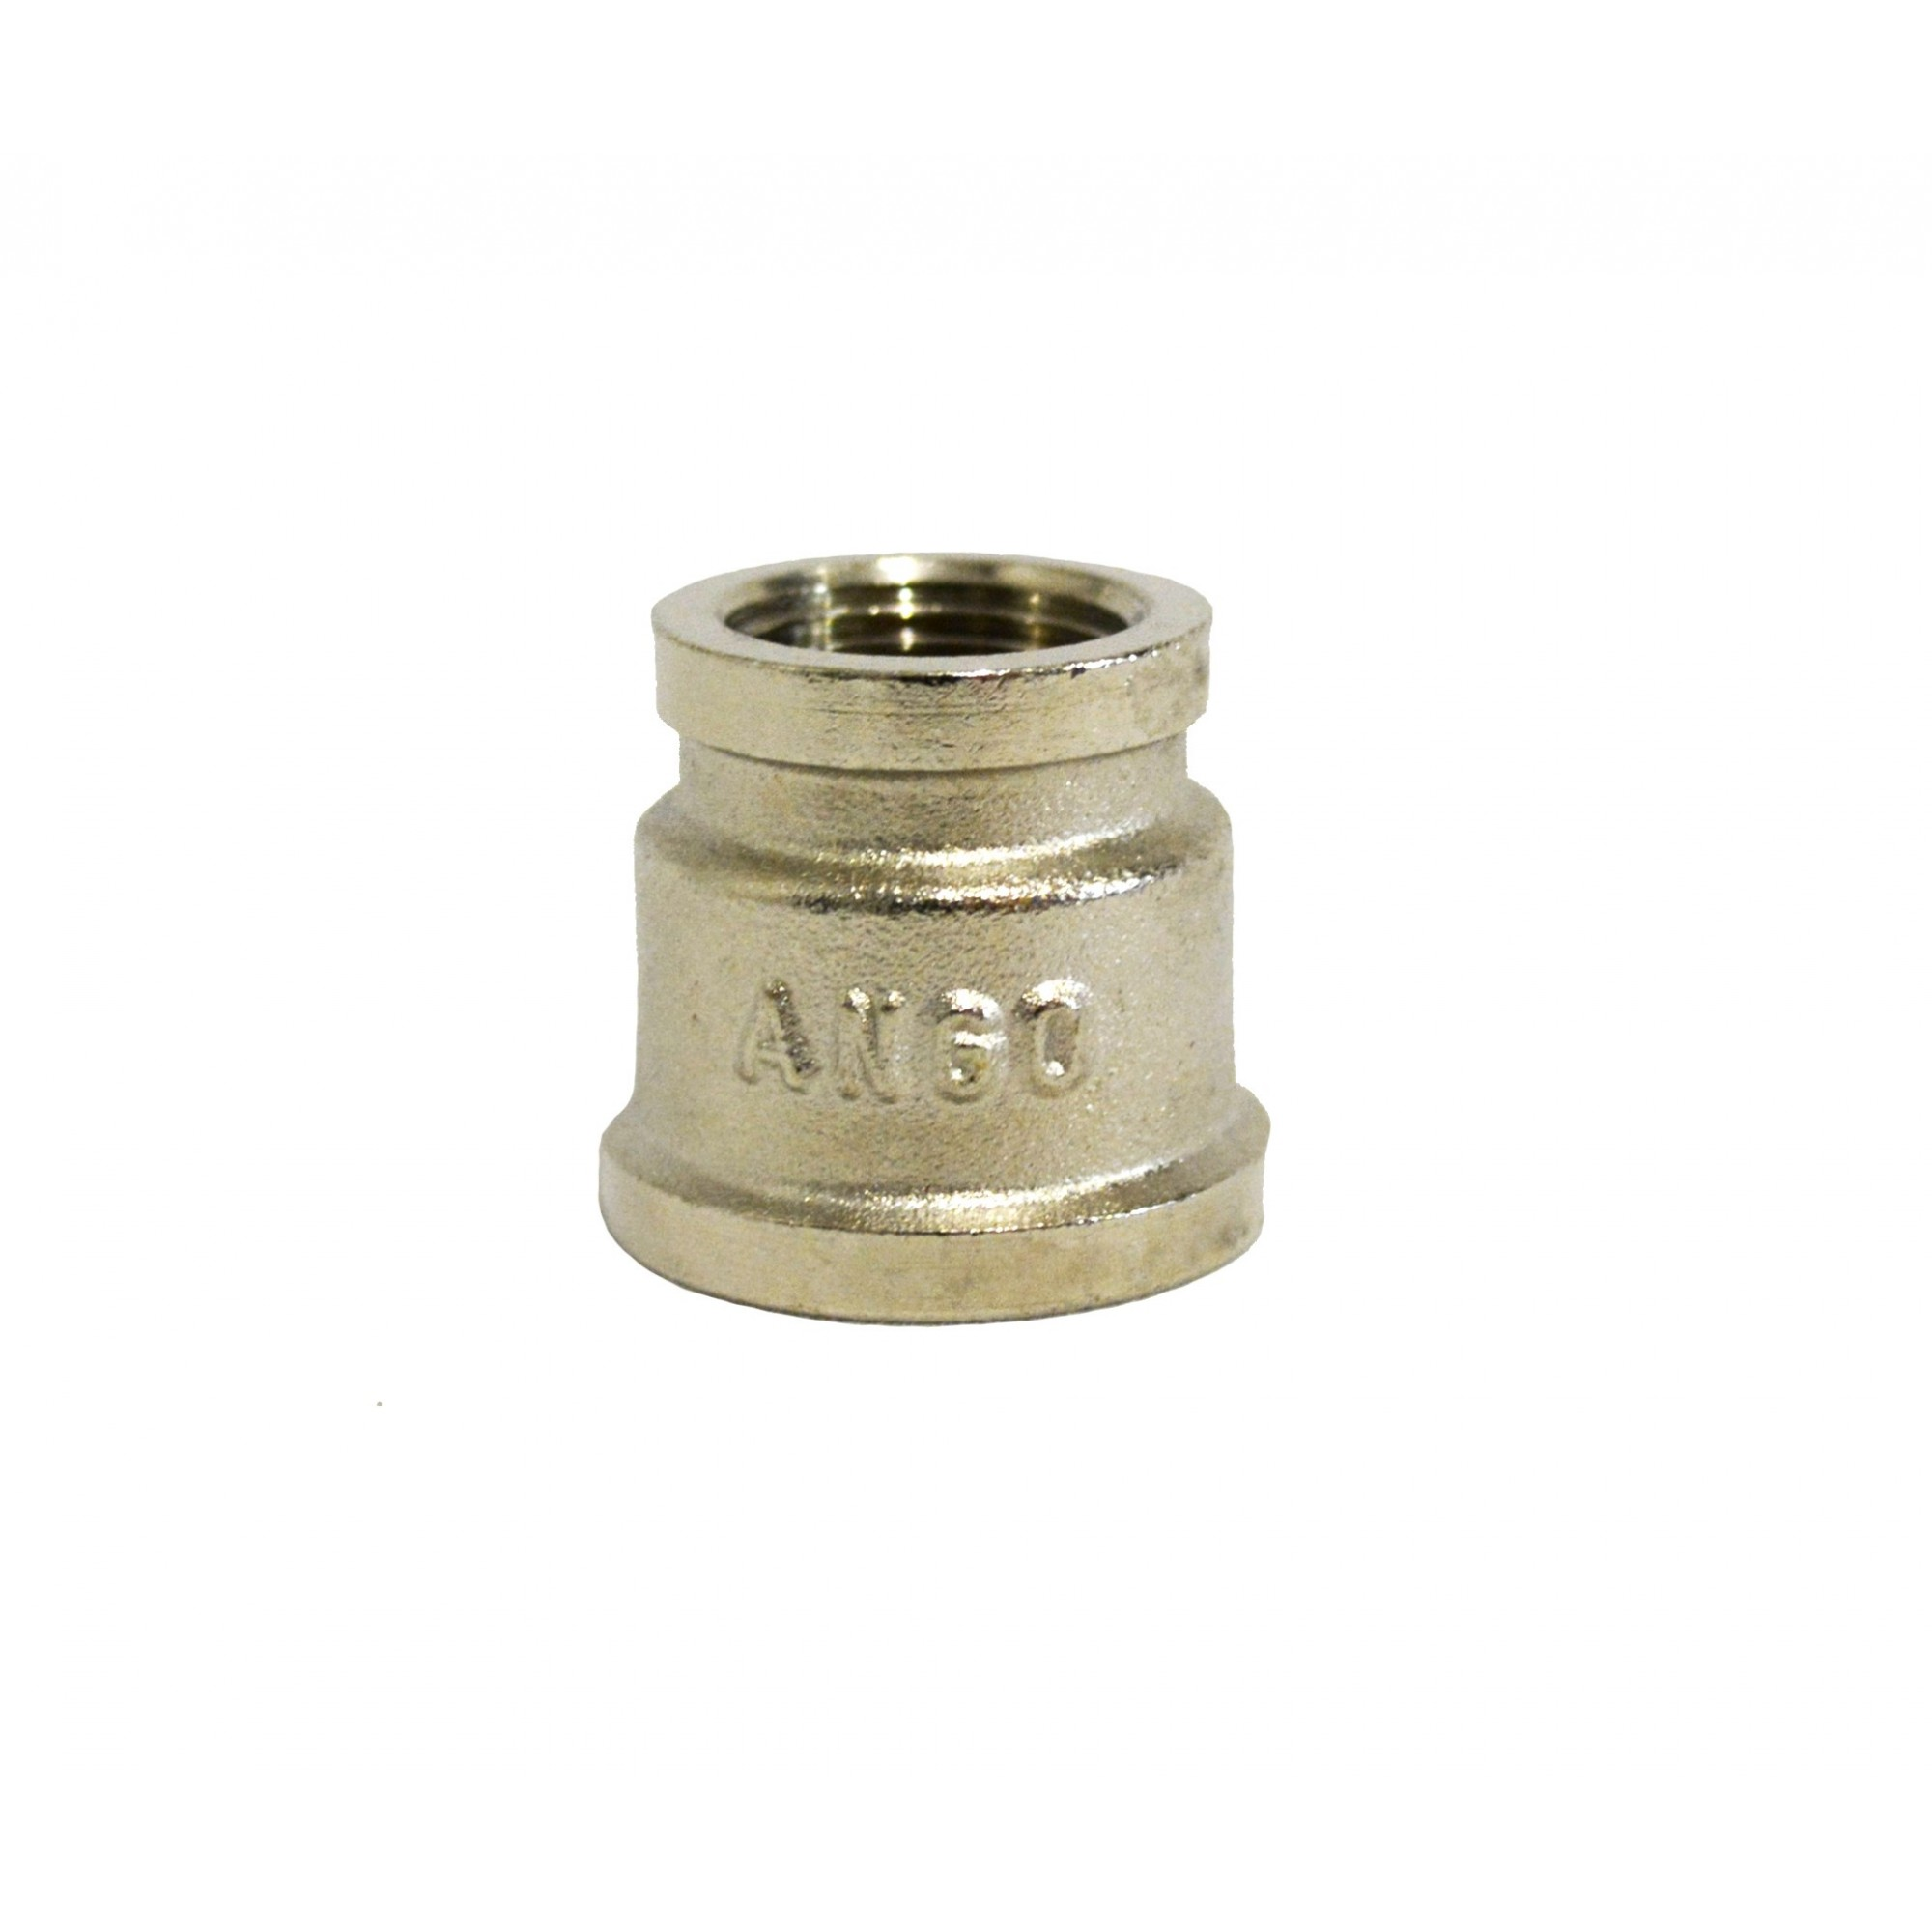 Муфта 3/8в*1/2в никелированный, латунь ANGO ANGO - 1